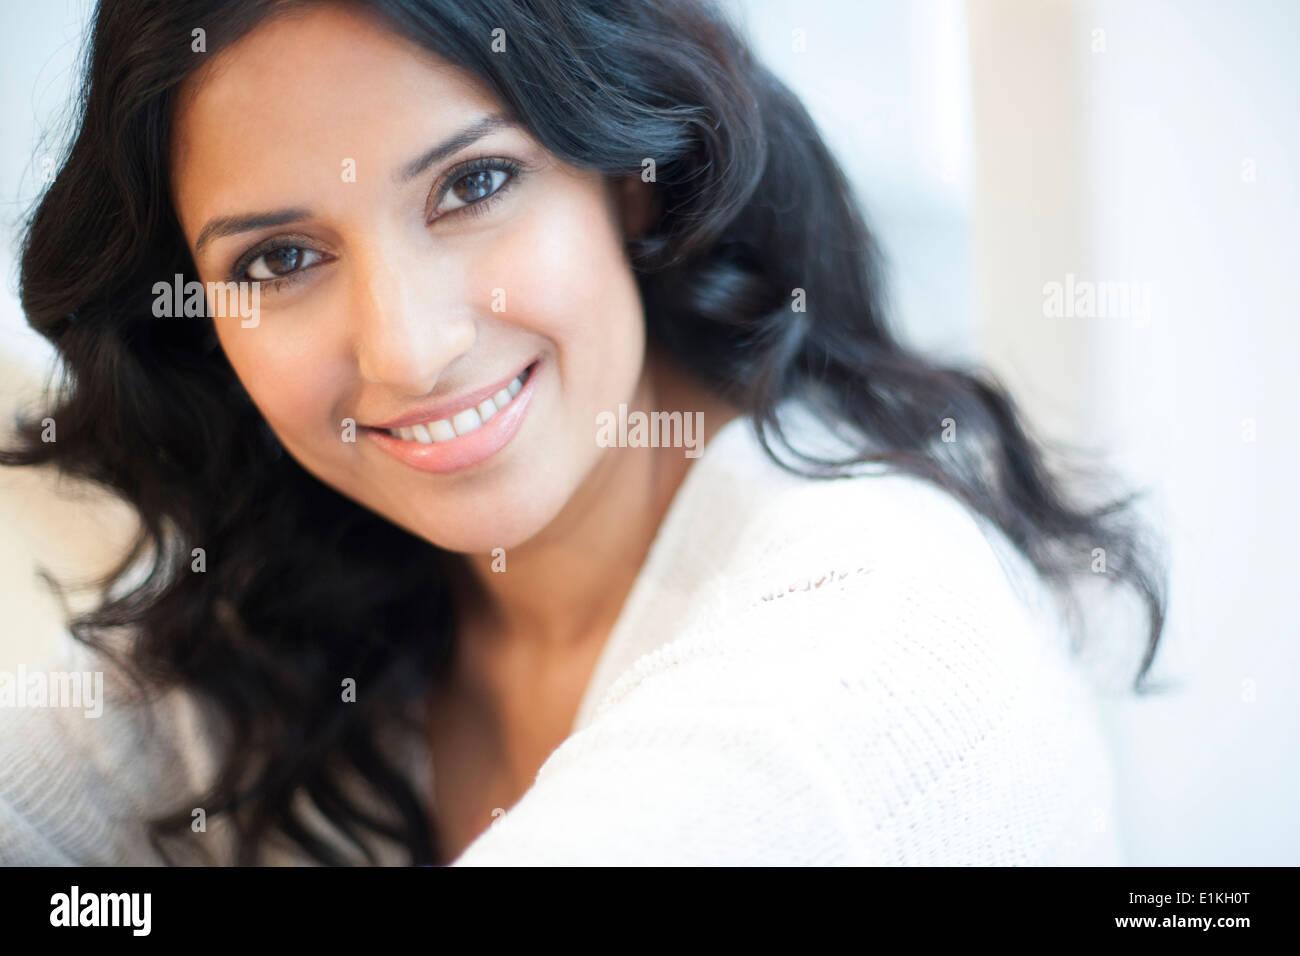 Parution modèle Portrait d'une femme souriante. Photo Stock